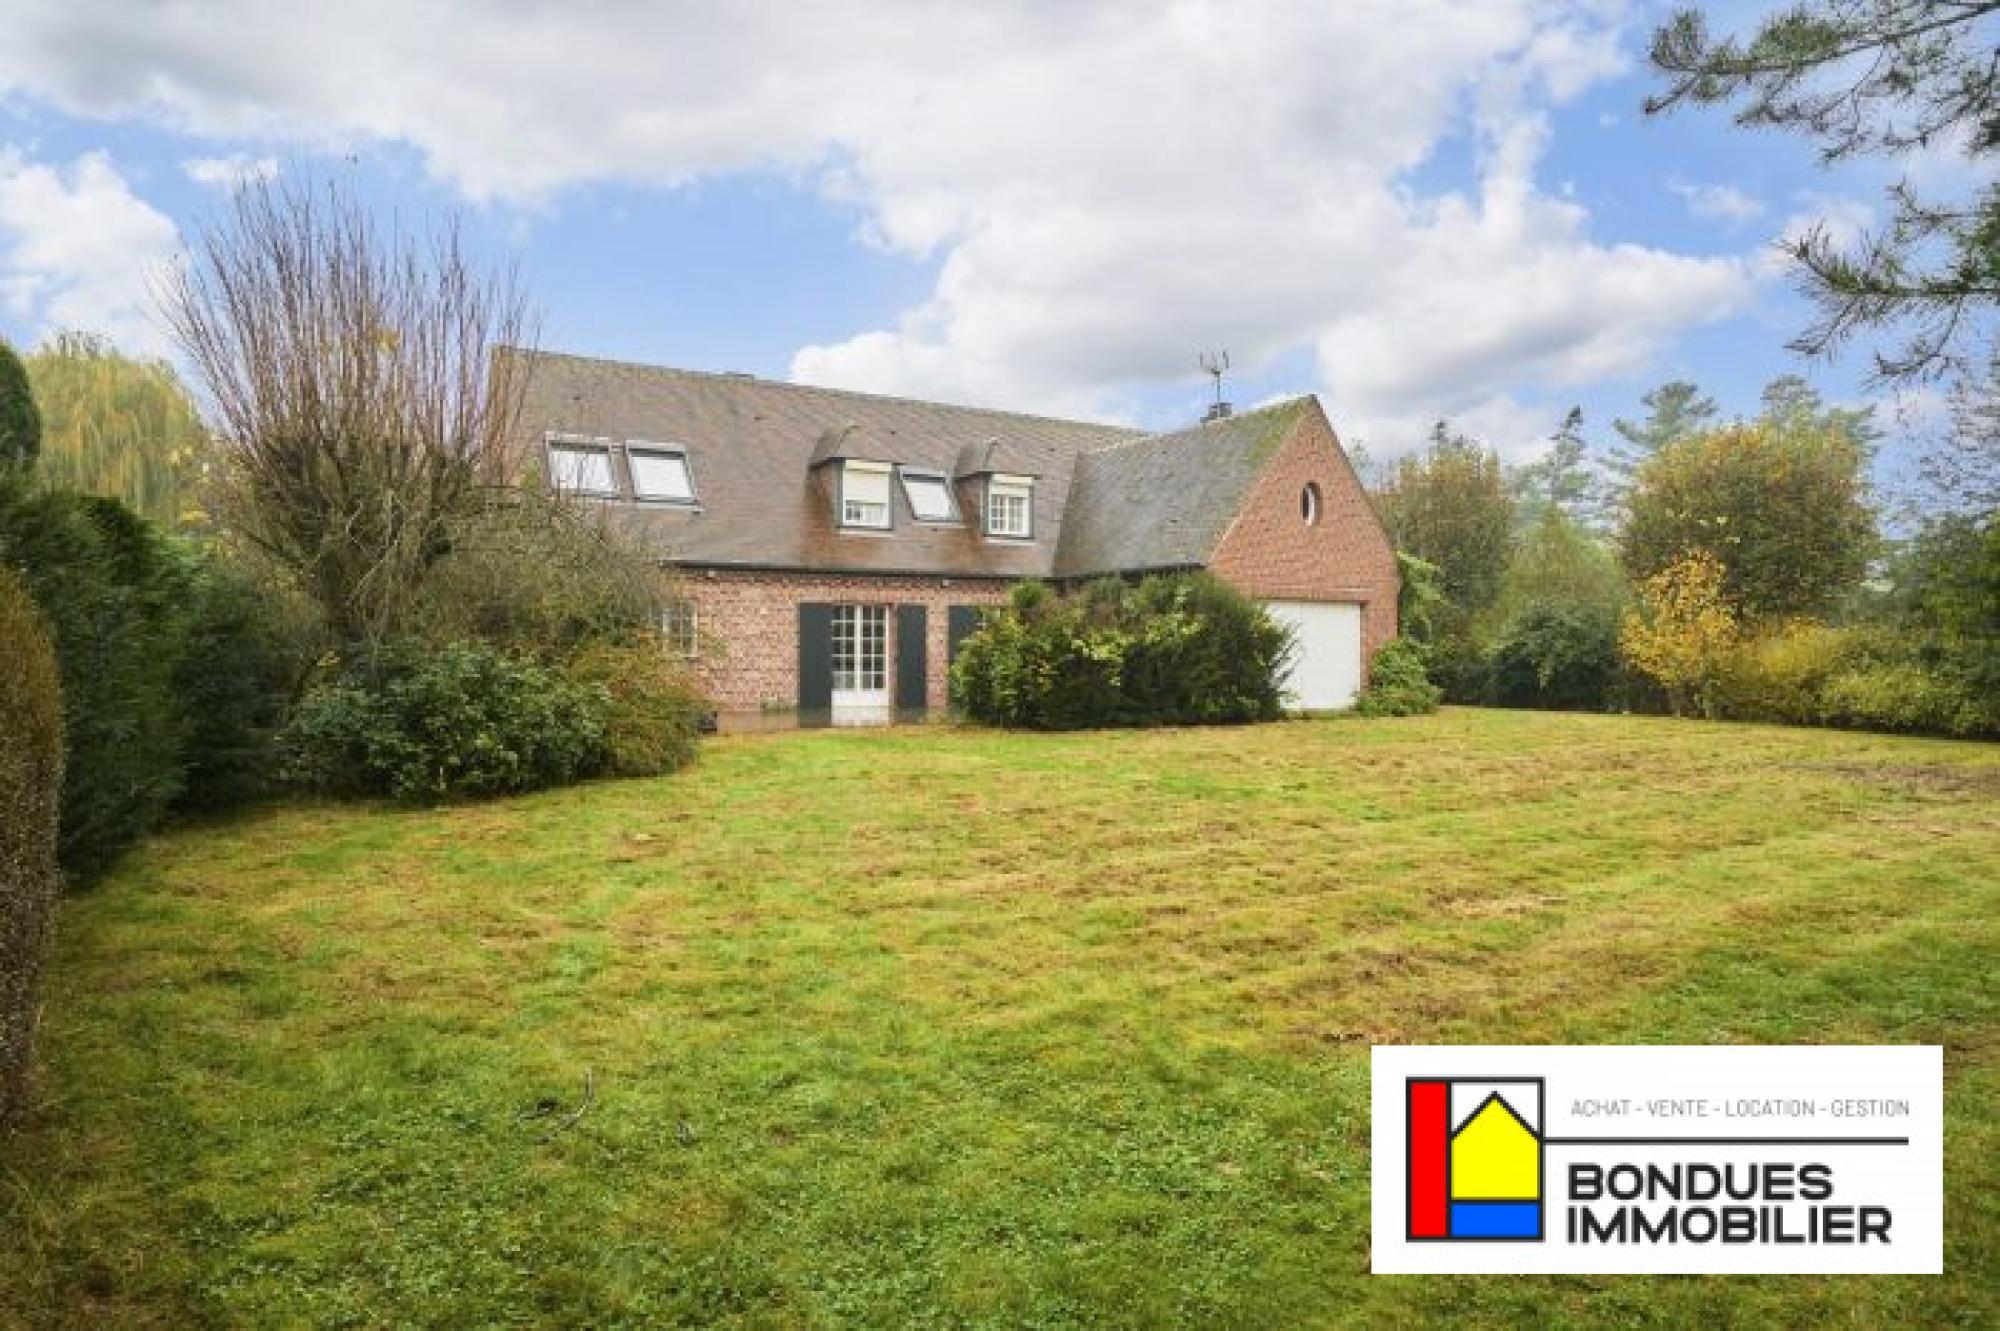 vente maison bondues refVM420 (1)